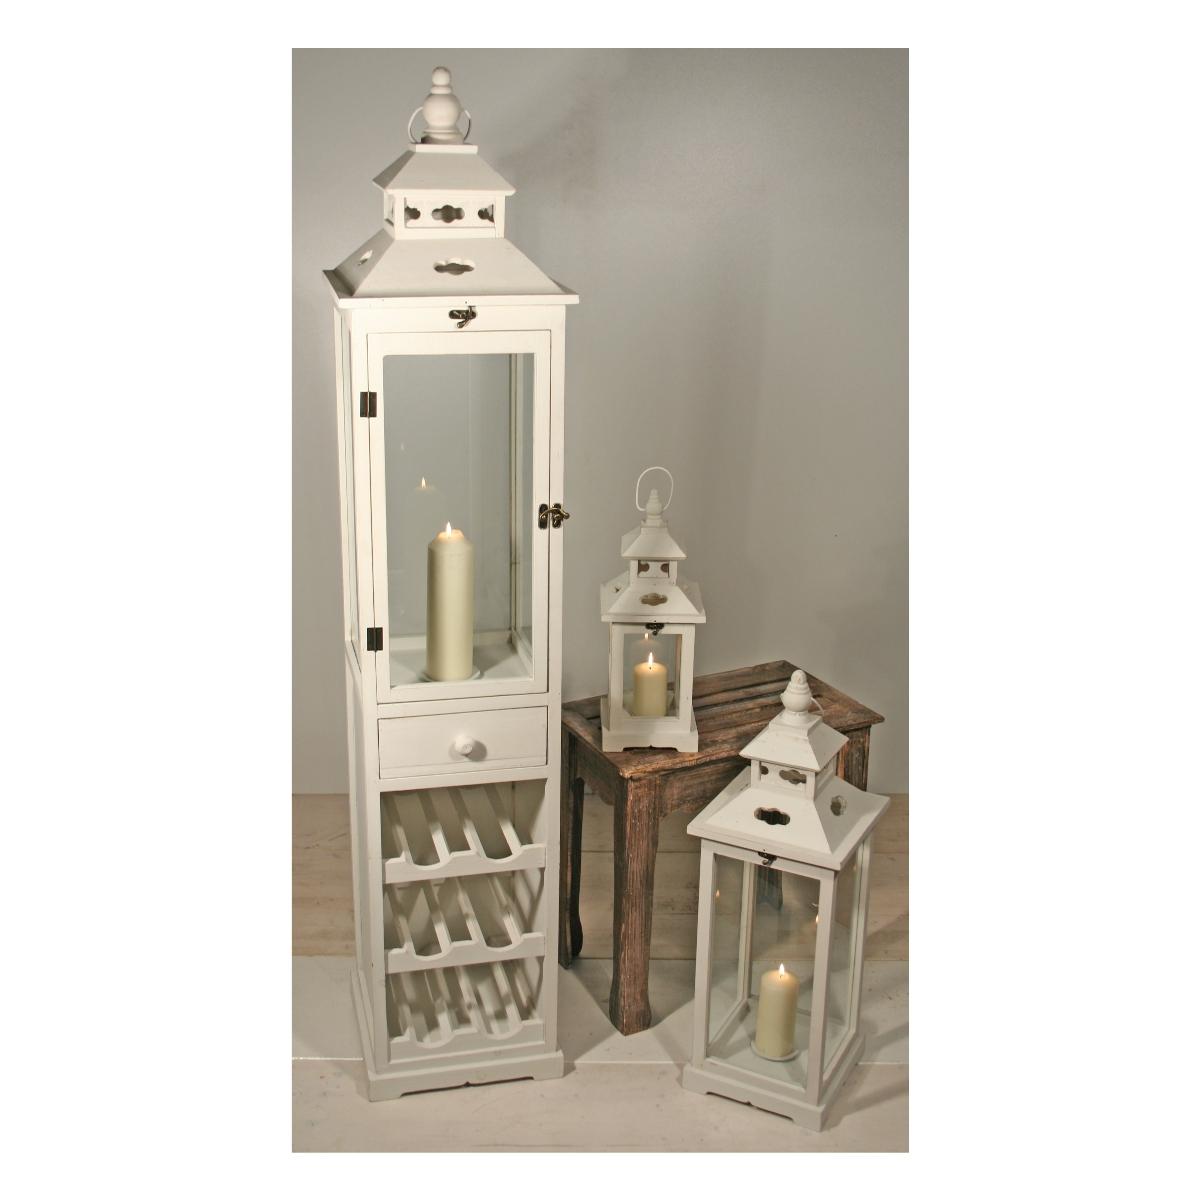 laternen aus holz mit weinablage 3er set haushalt und putzen. Black Bedroom Furniture Sets. Home Design Ideas